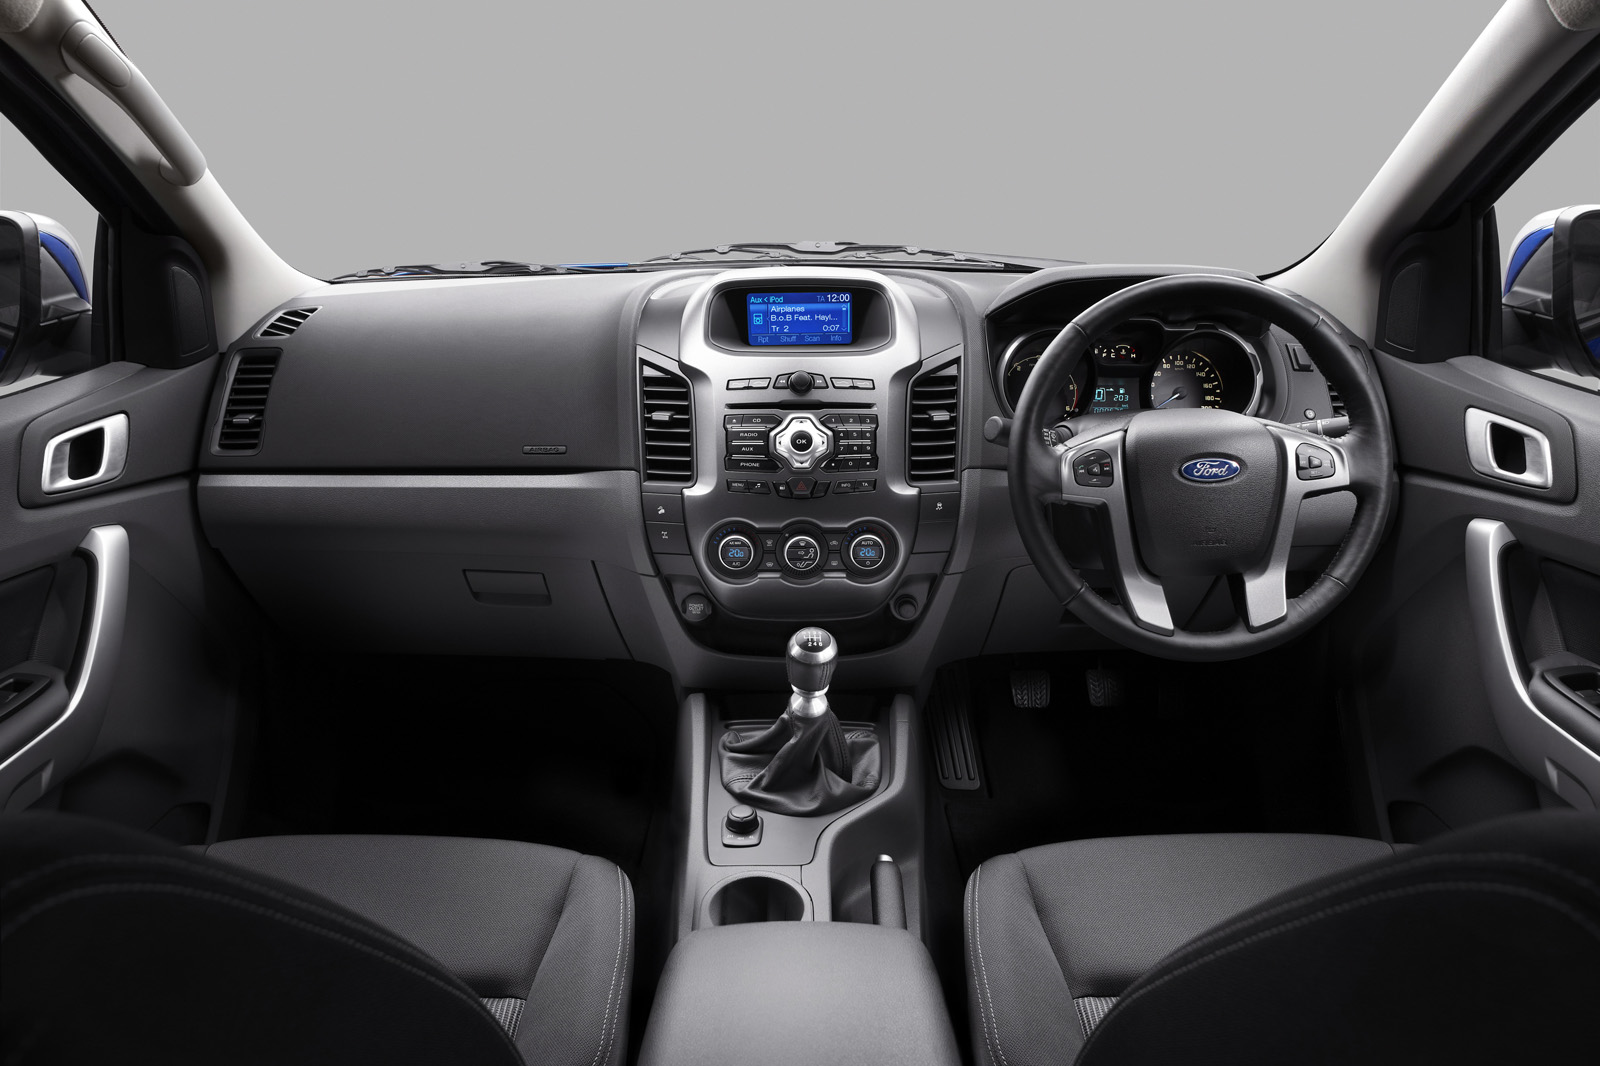 http://3.bp.blogspot.com/_J3_liDBfbvs/TLsGViu3bmI/AAAAAAAAzB8/xf8Mj32VbvI/s1600/2011+Ford+Ranger+Interior+View.jpg